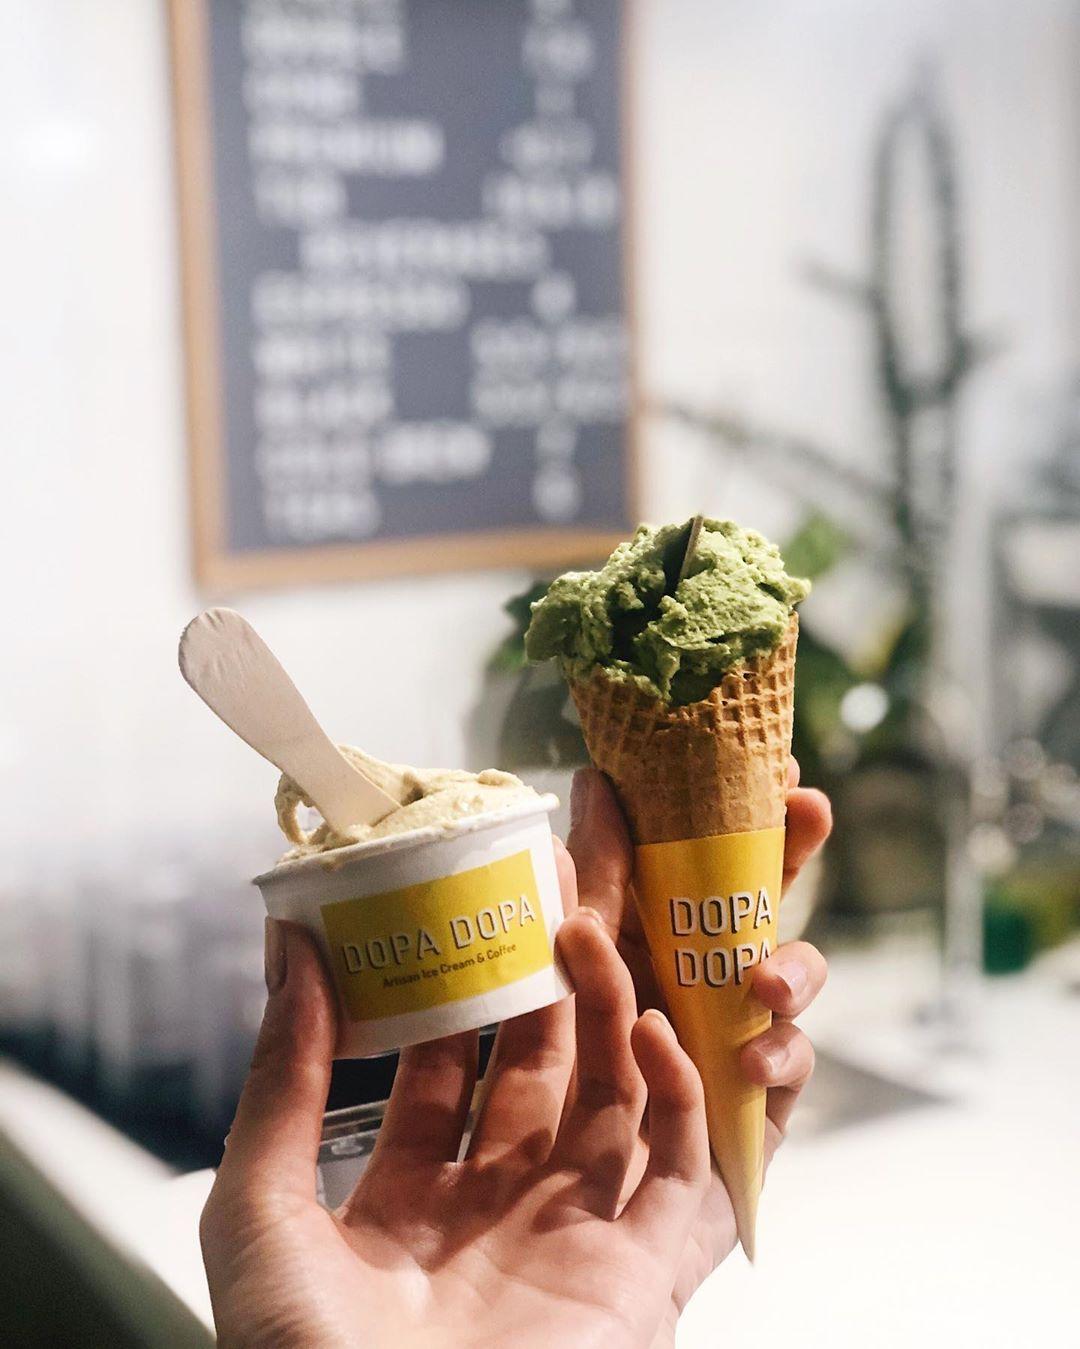 Dopa Dopa Creamery. Instagram @westeast.eats